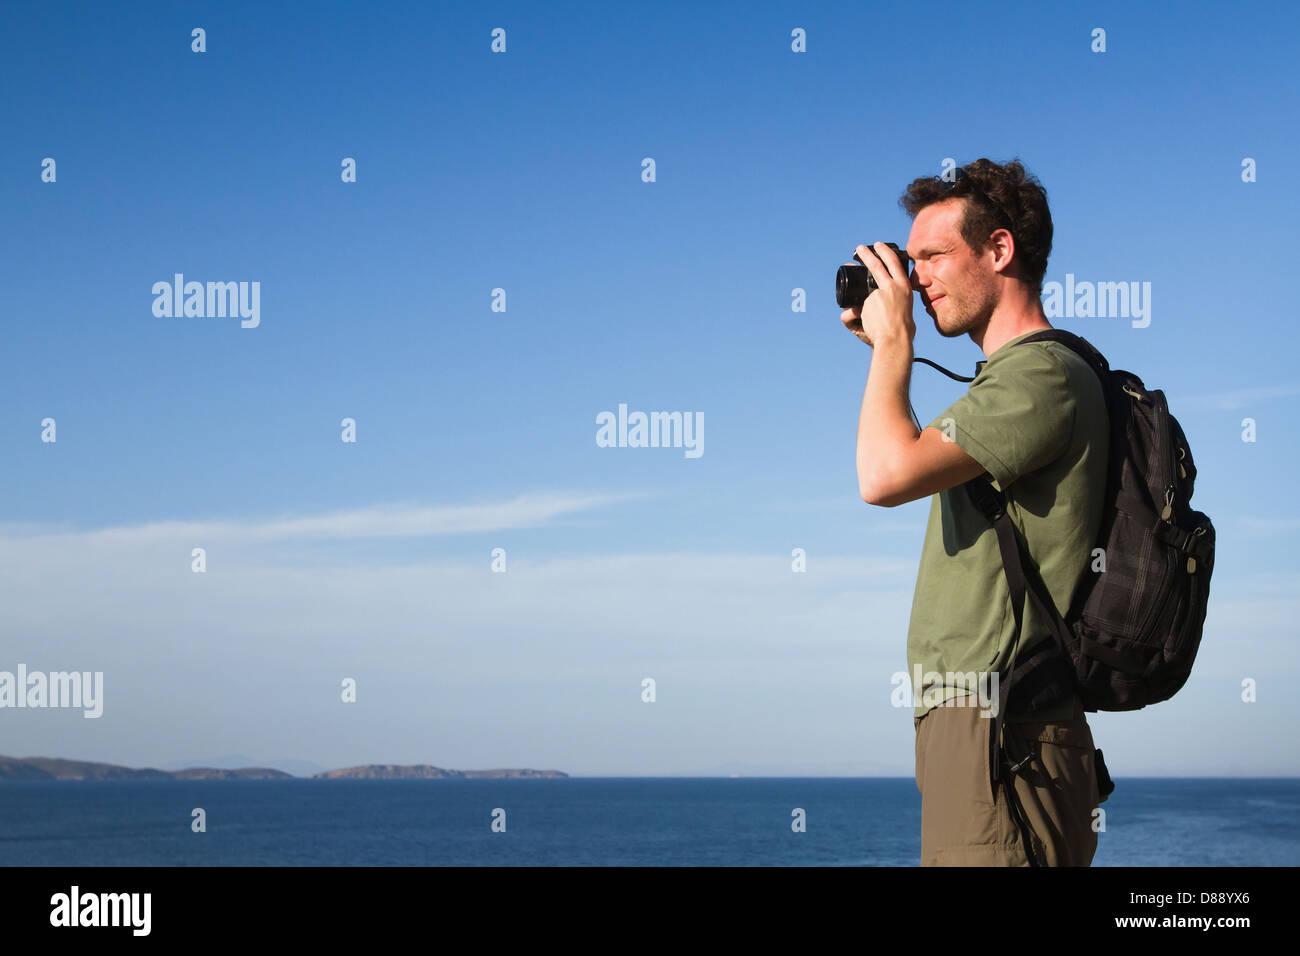 Fotograf und Reisenden mit dem Rucksack fotografieren im freien Stockbild